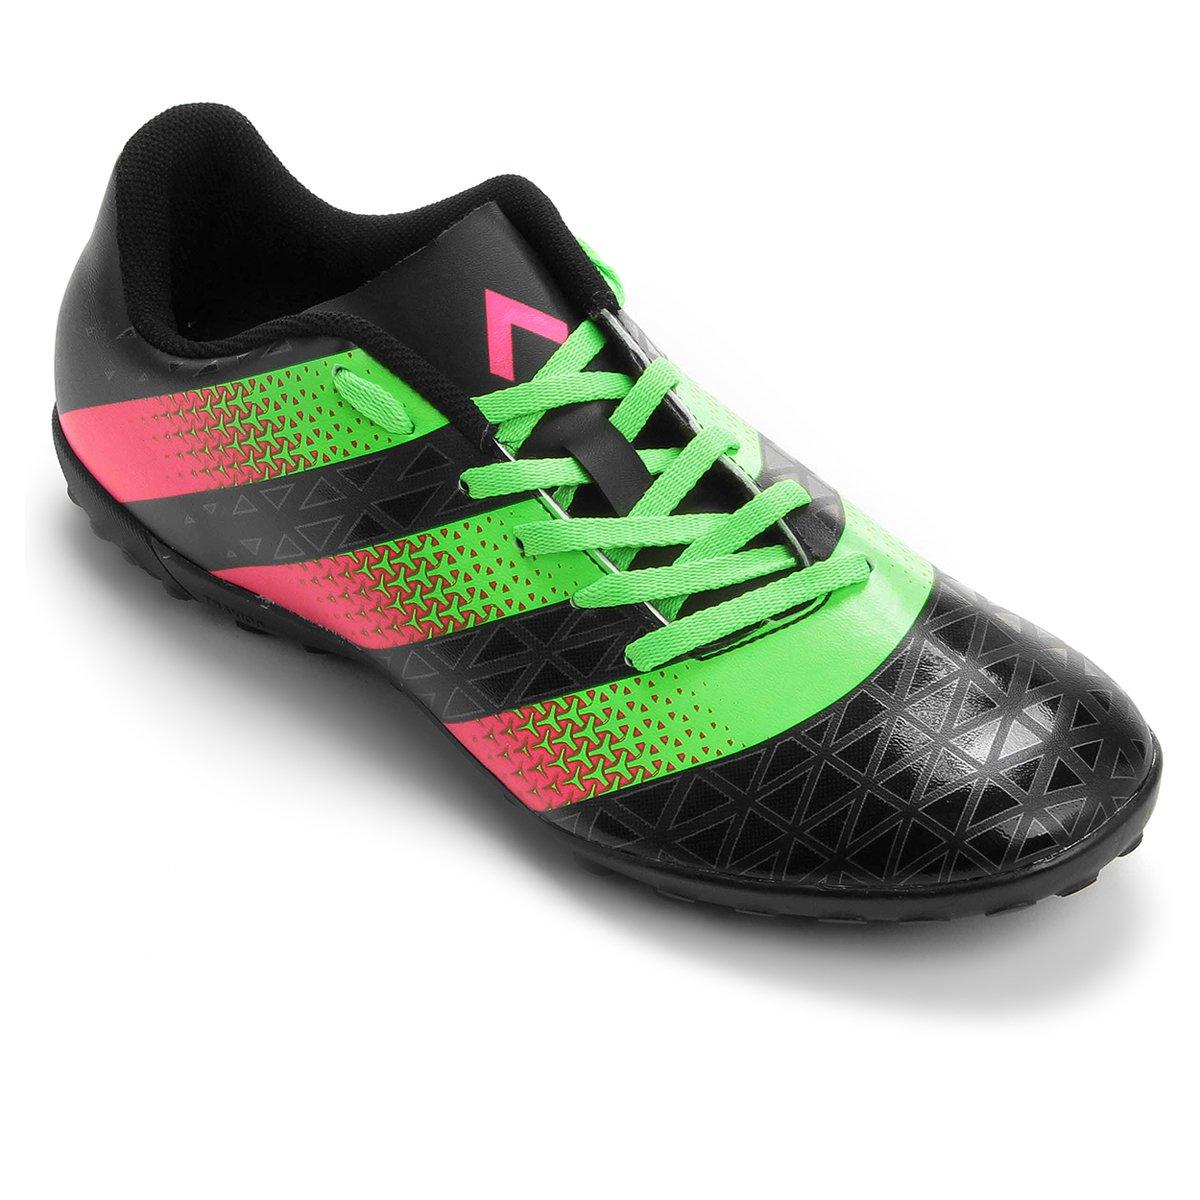 Chuteira Society Adidas Artilheira TF - Compre Agora  73d45e302ae8b